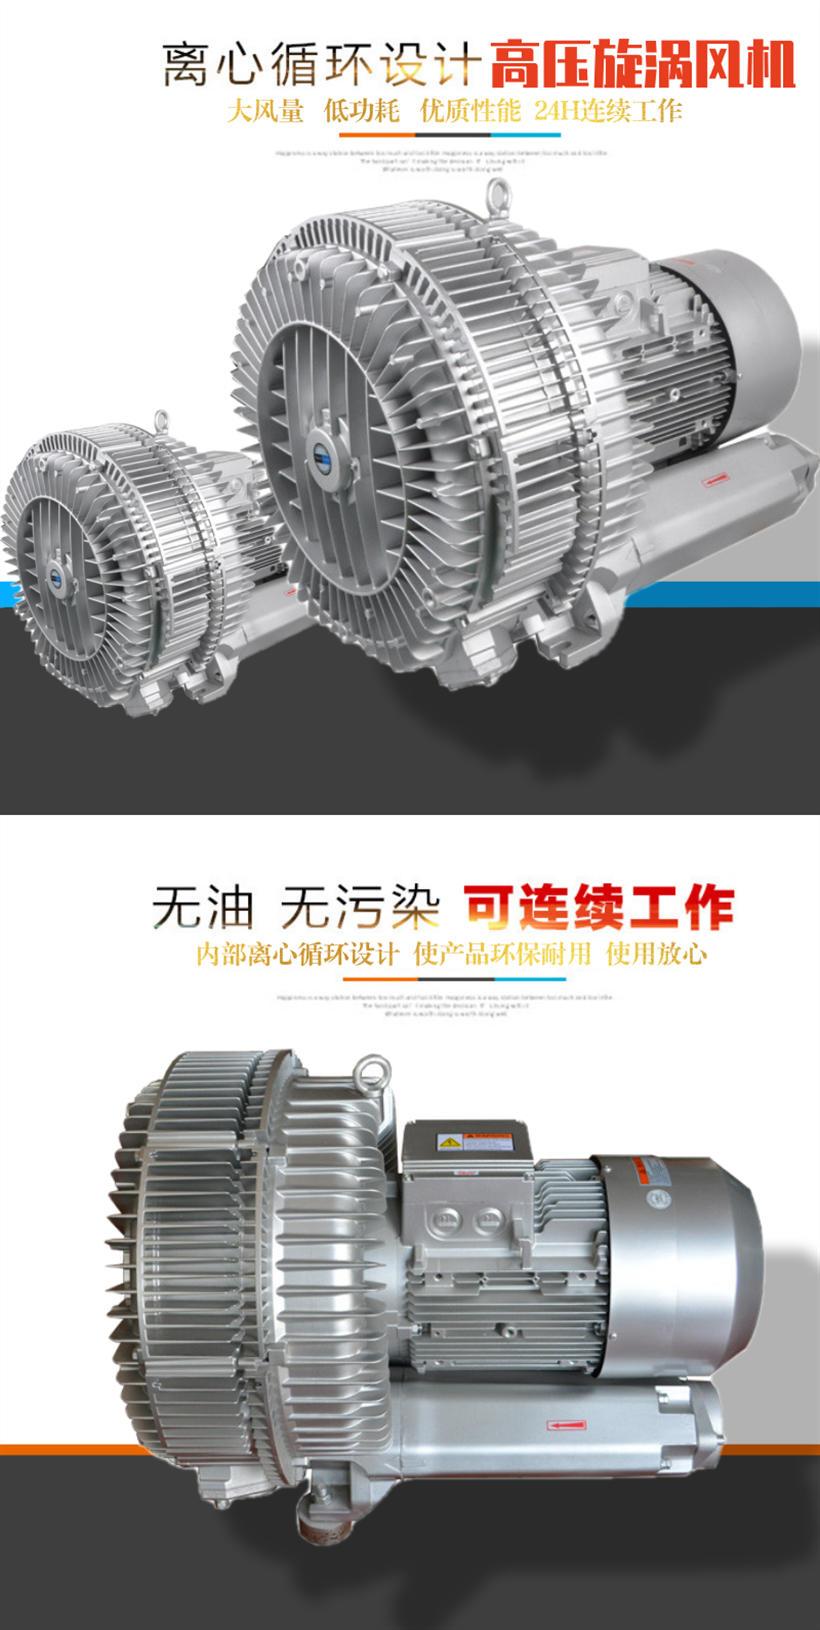 优质高压风机 真空泵 高压风机 长宁单段高压风机示例图2